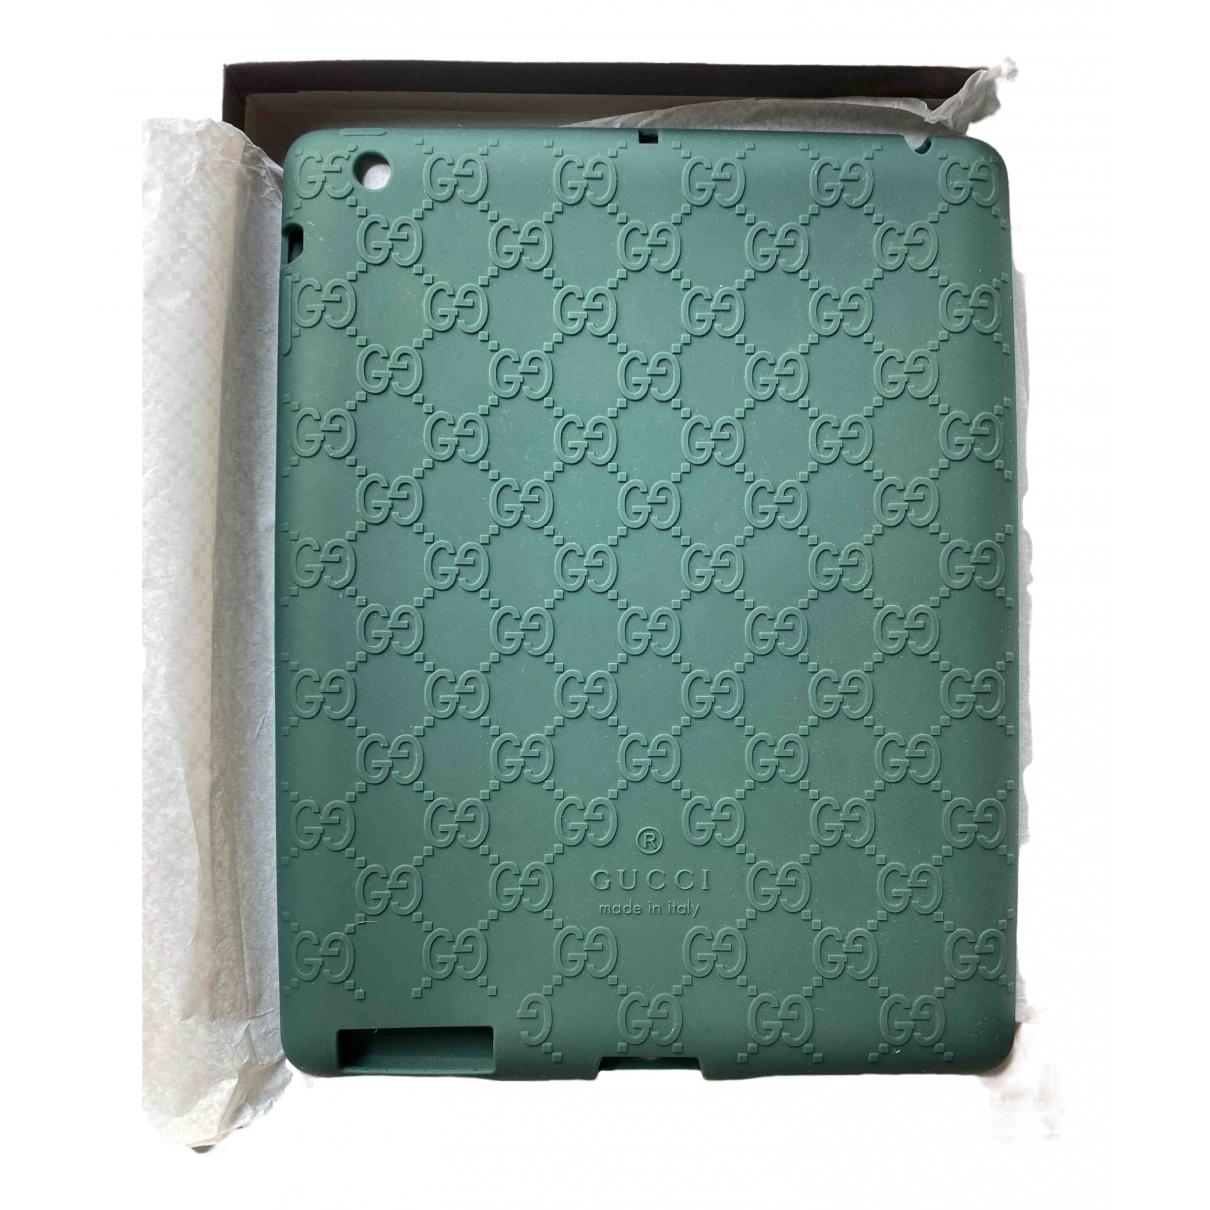 Gucci - Accessoires   pour lifestyle - turquoise